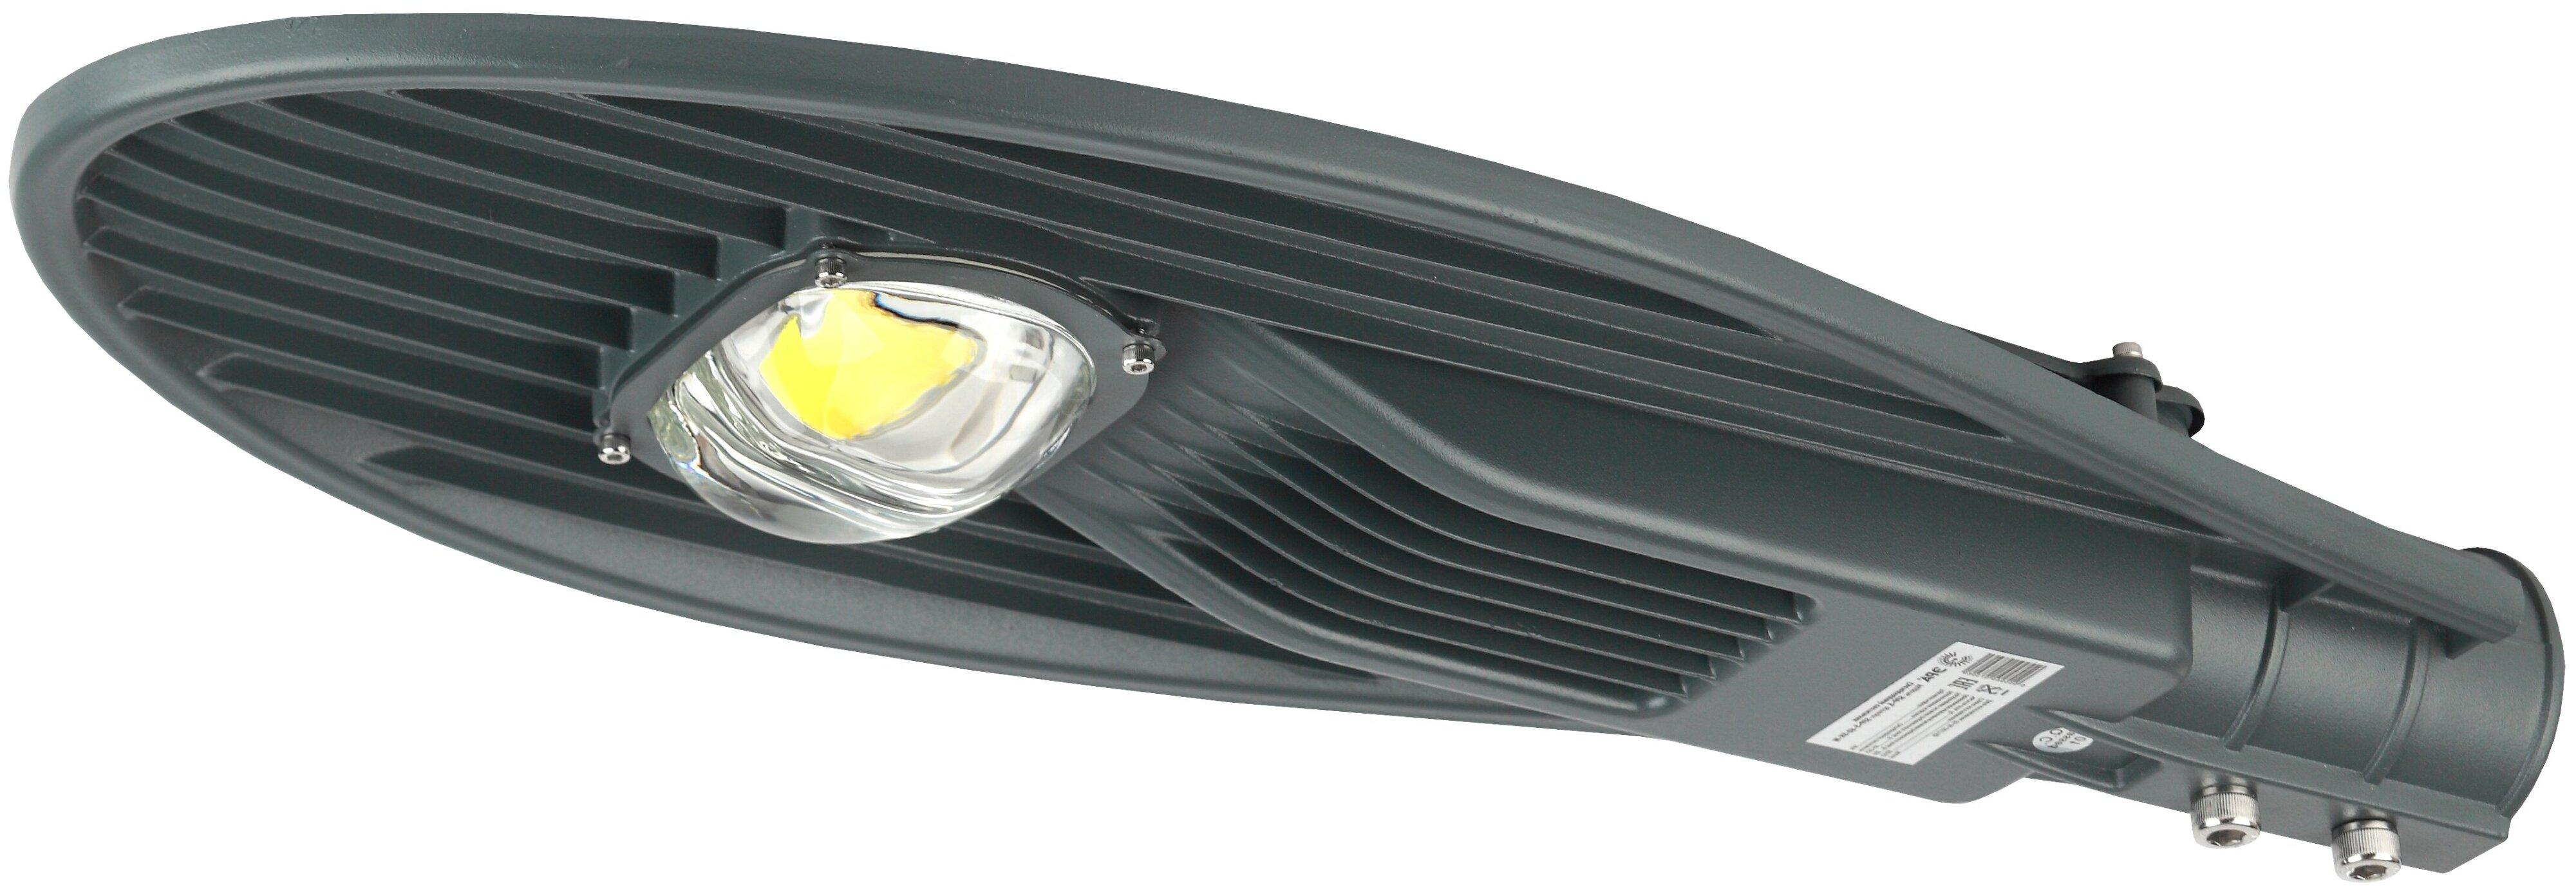 ЭРА Светильник уличный SPP-5-60-5K-W — купить по выгодной цене на Яндекс.Маркете